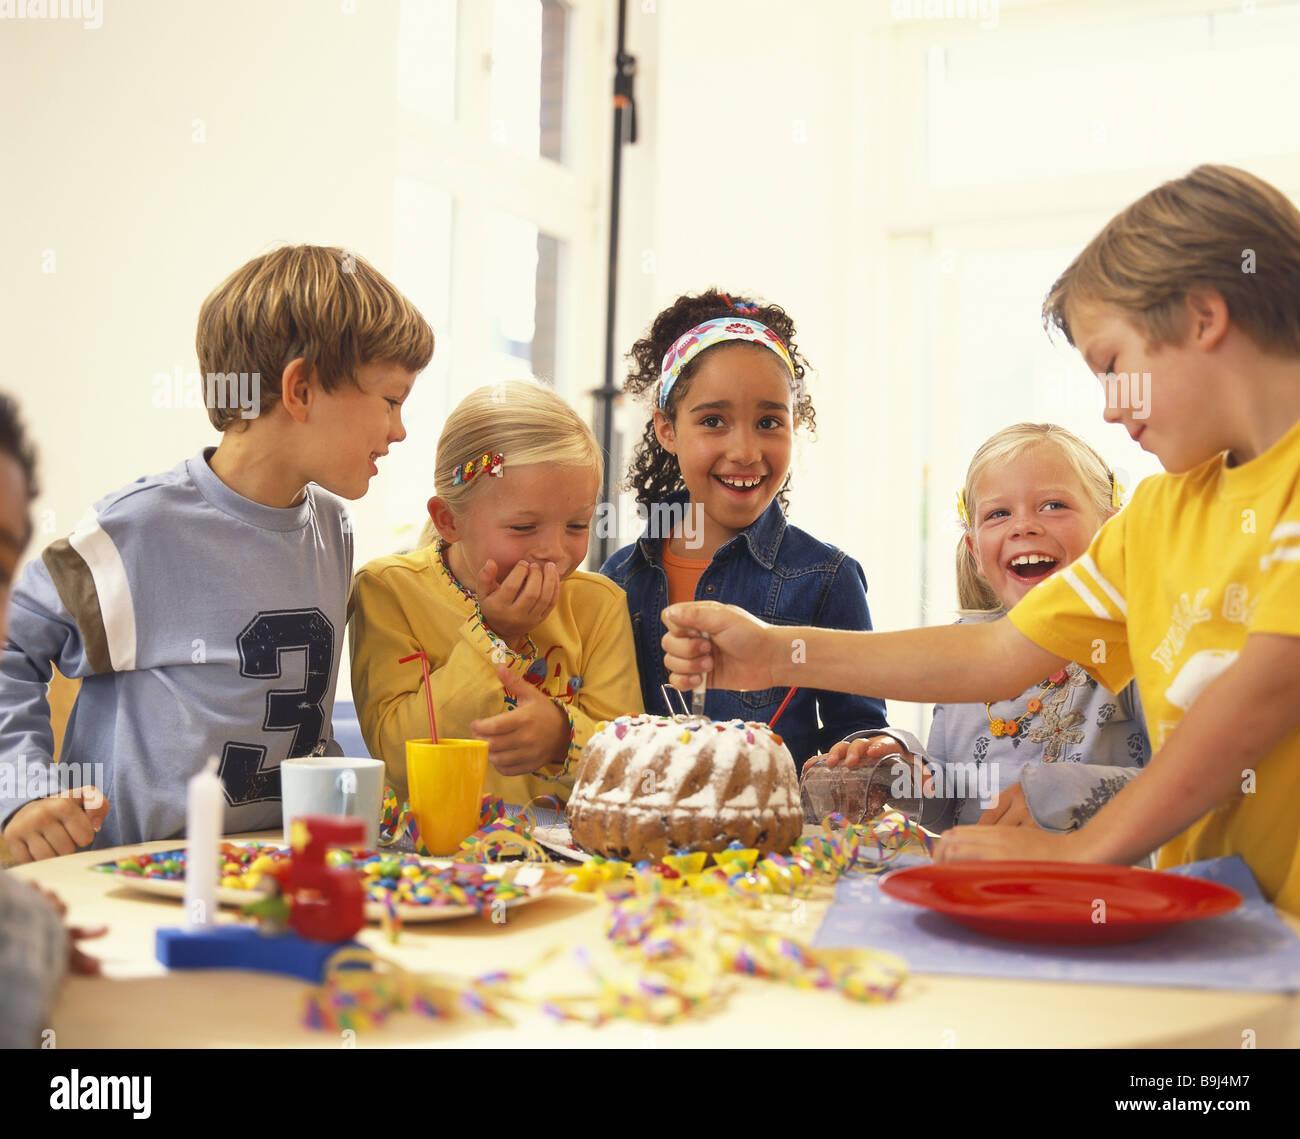 Kindergeburtstag Party Jungen Madchen Kuchen Broschen Feiert